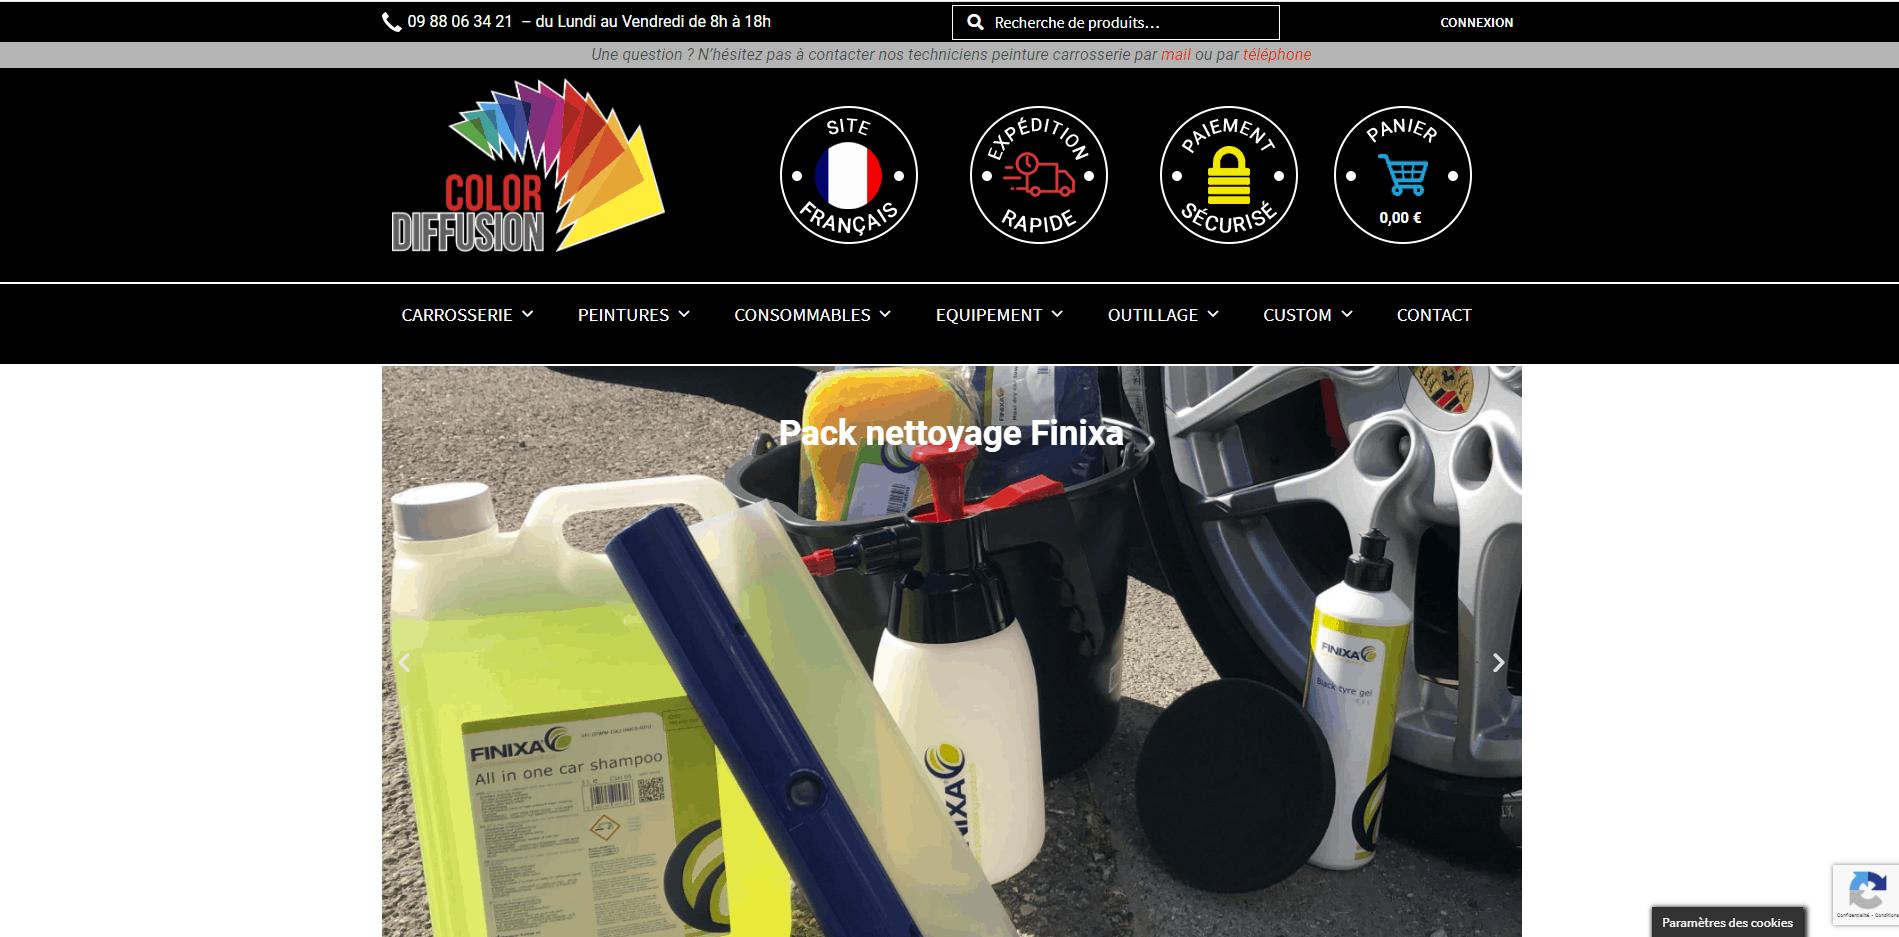 Site internet Paris Lyon - référencement naturel SEO, présentation des produits lavants pour carrosserie